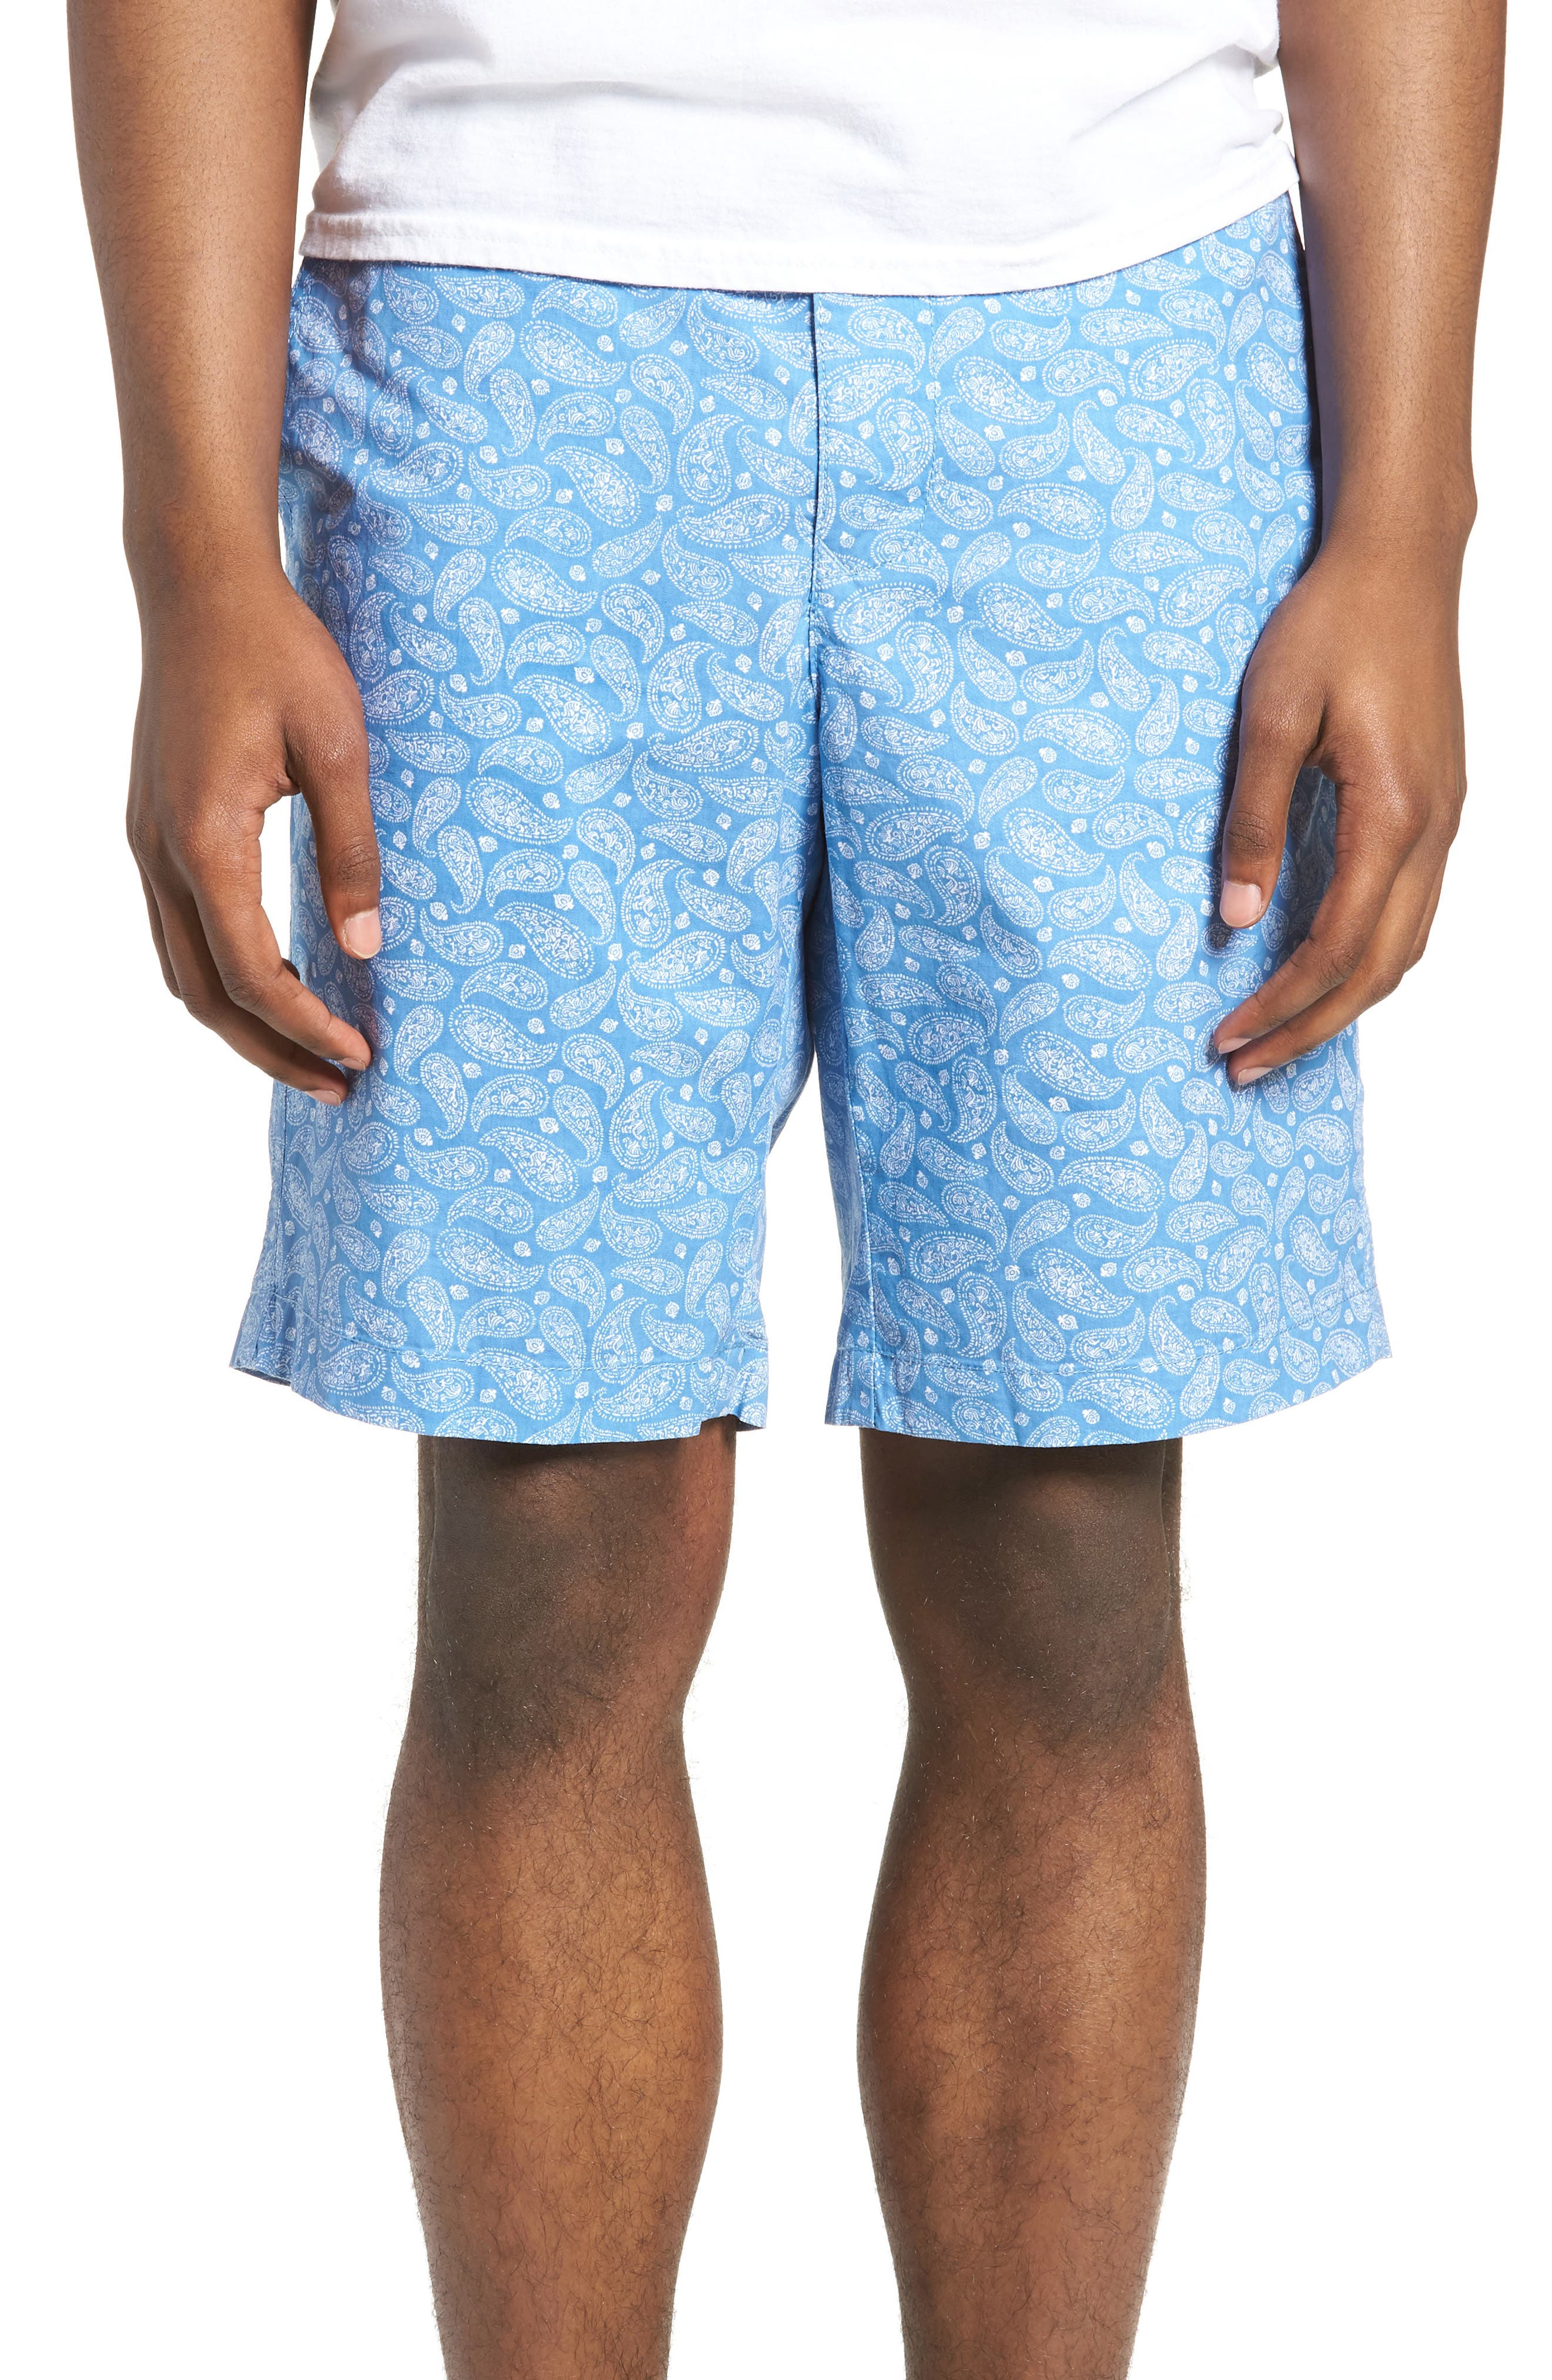 Bandana Paisley Print Shorts,                             Main thumbnail 1, color,                             Blue Lake Bandana Paisley